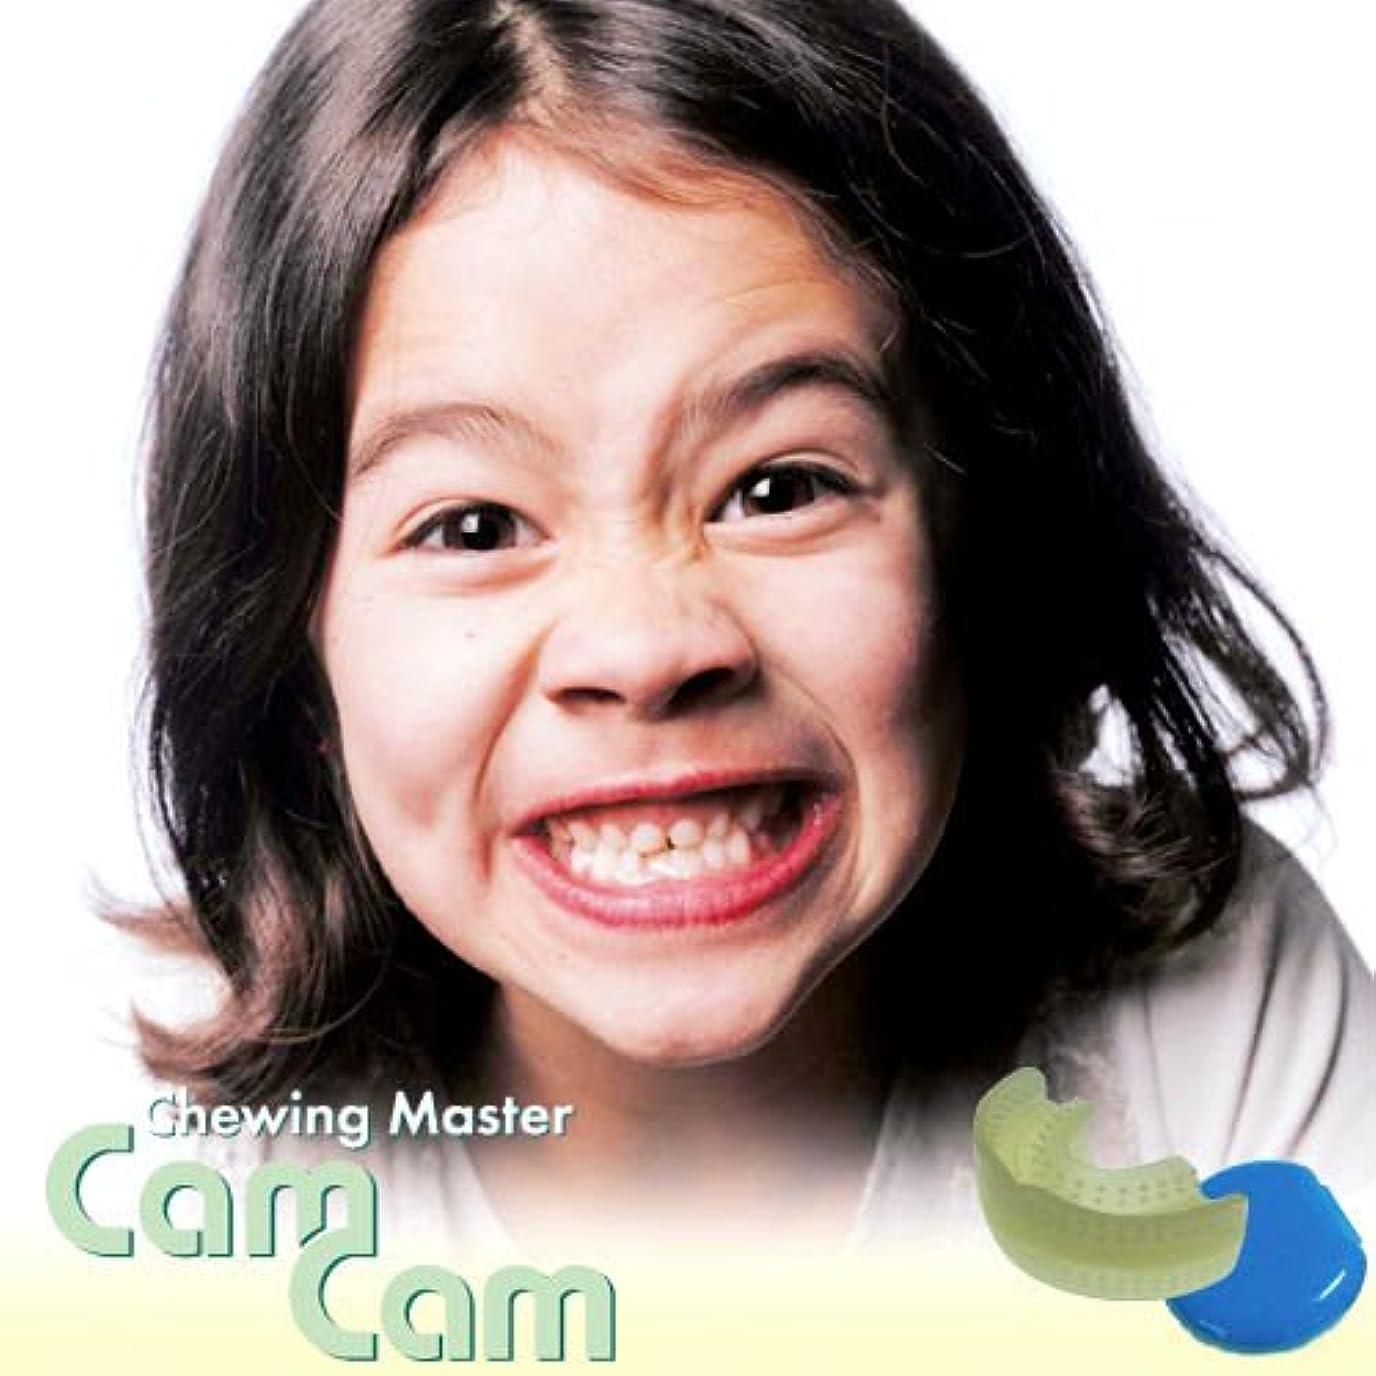 トラップゆるいスキーム歯科医師開発 口腔筋機能トレーニングマウスピース【CamCam ST】カムカム (ブルー) 乳歯列期から混合歯列期用